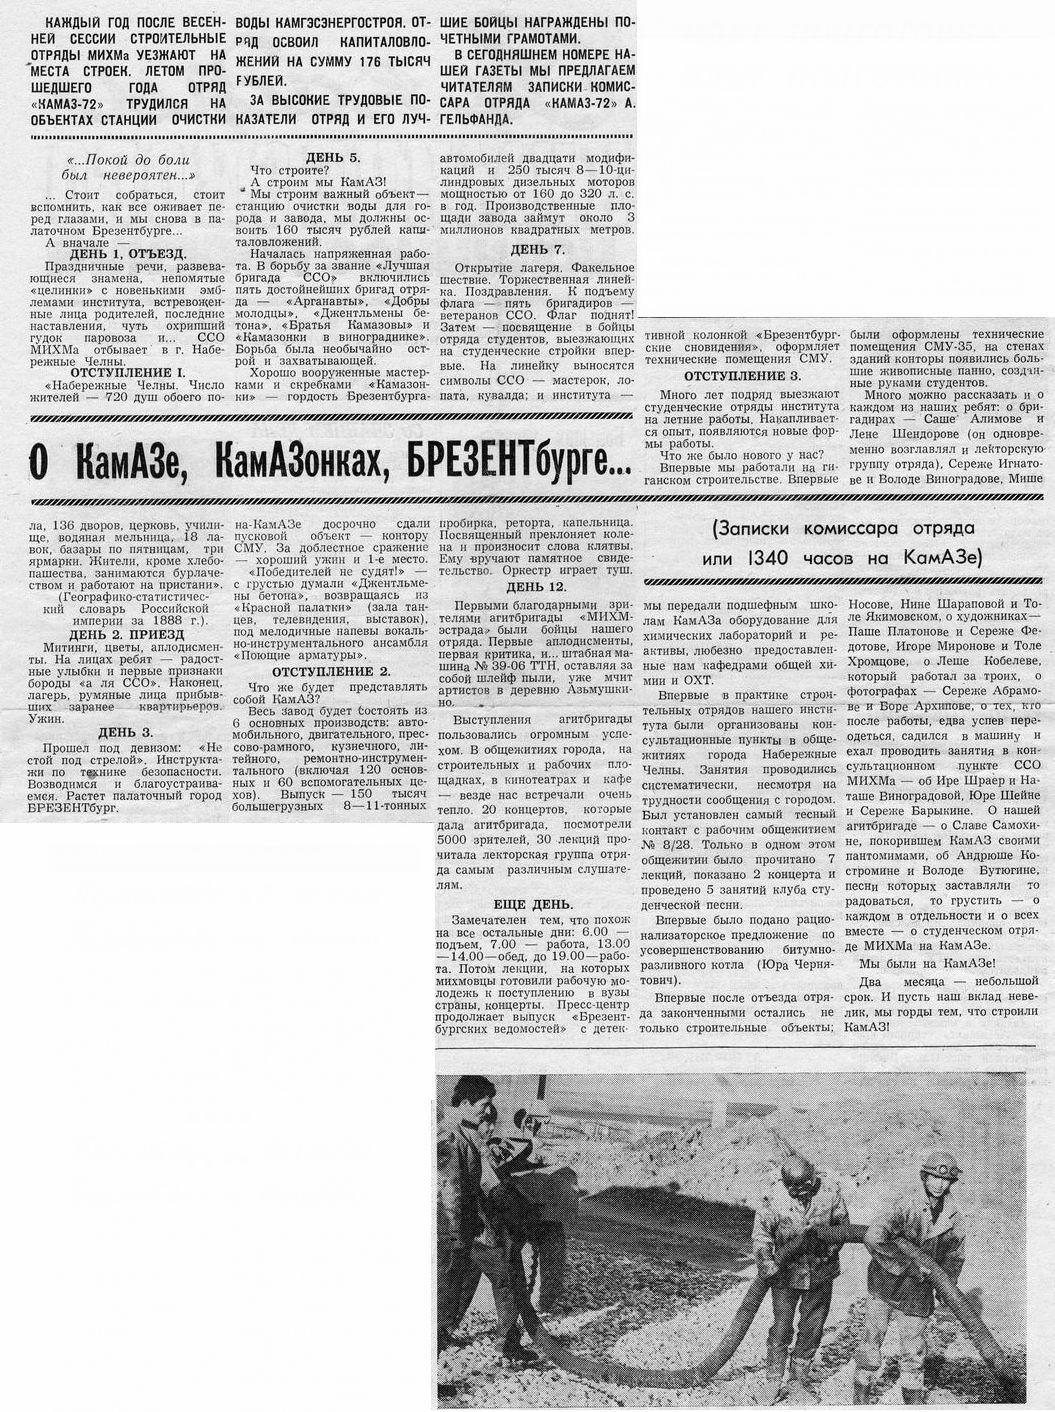 Статья о ССО «Камаз-72»  (увеличить)